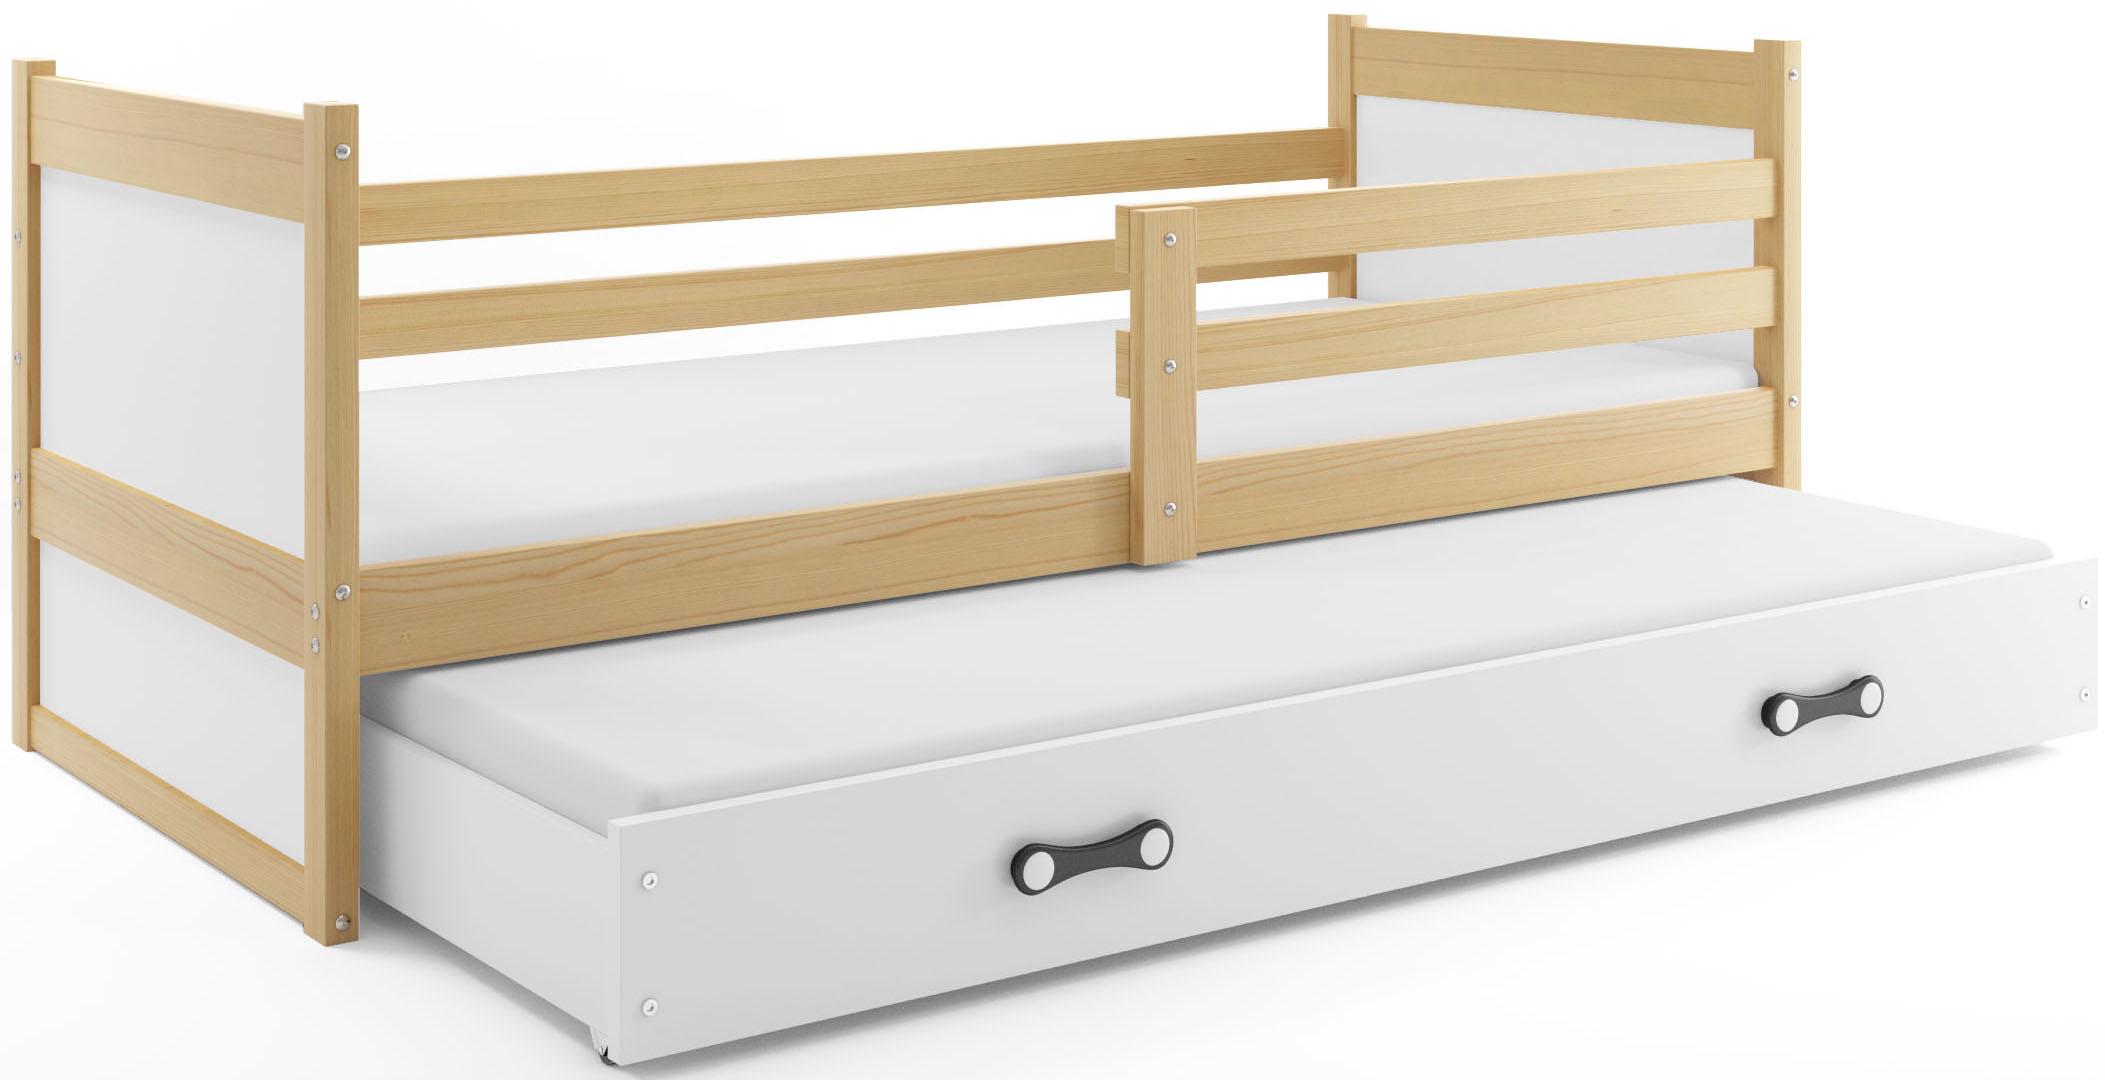 Łóżko RICO wysuwane piętrowe dla dzieci 190x80